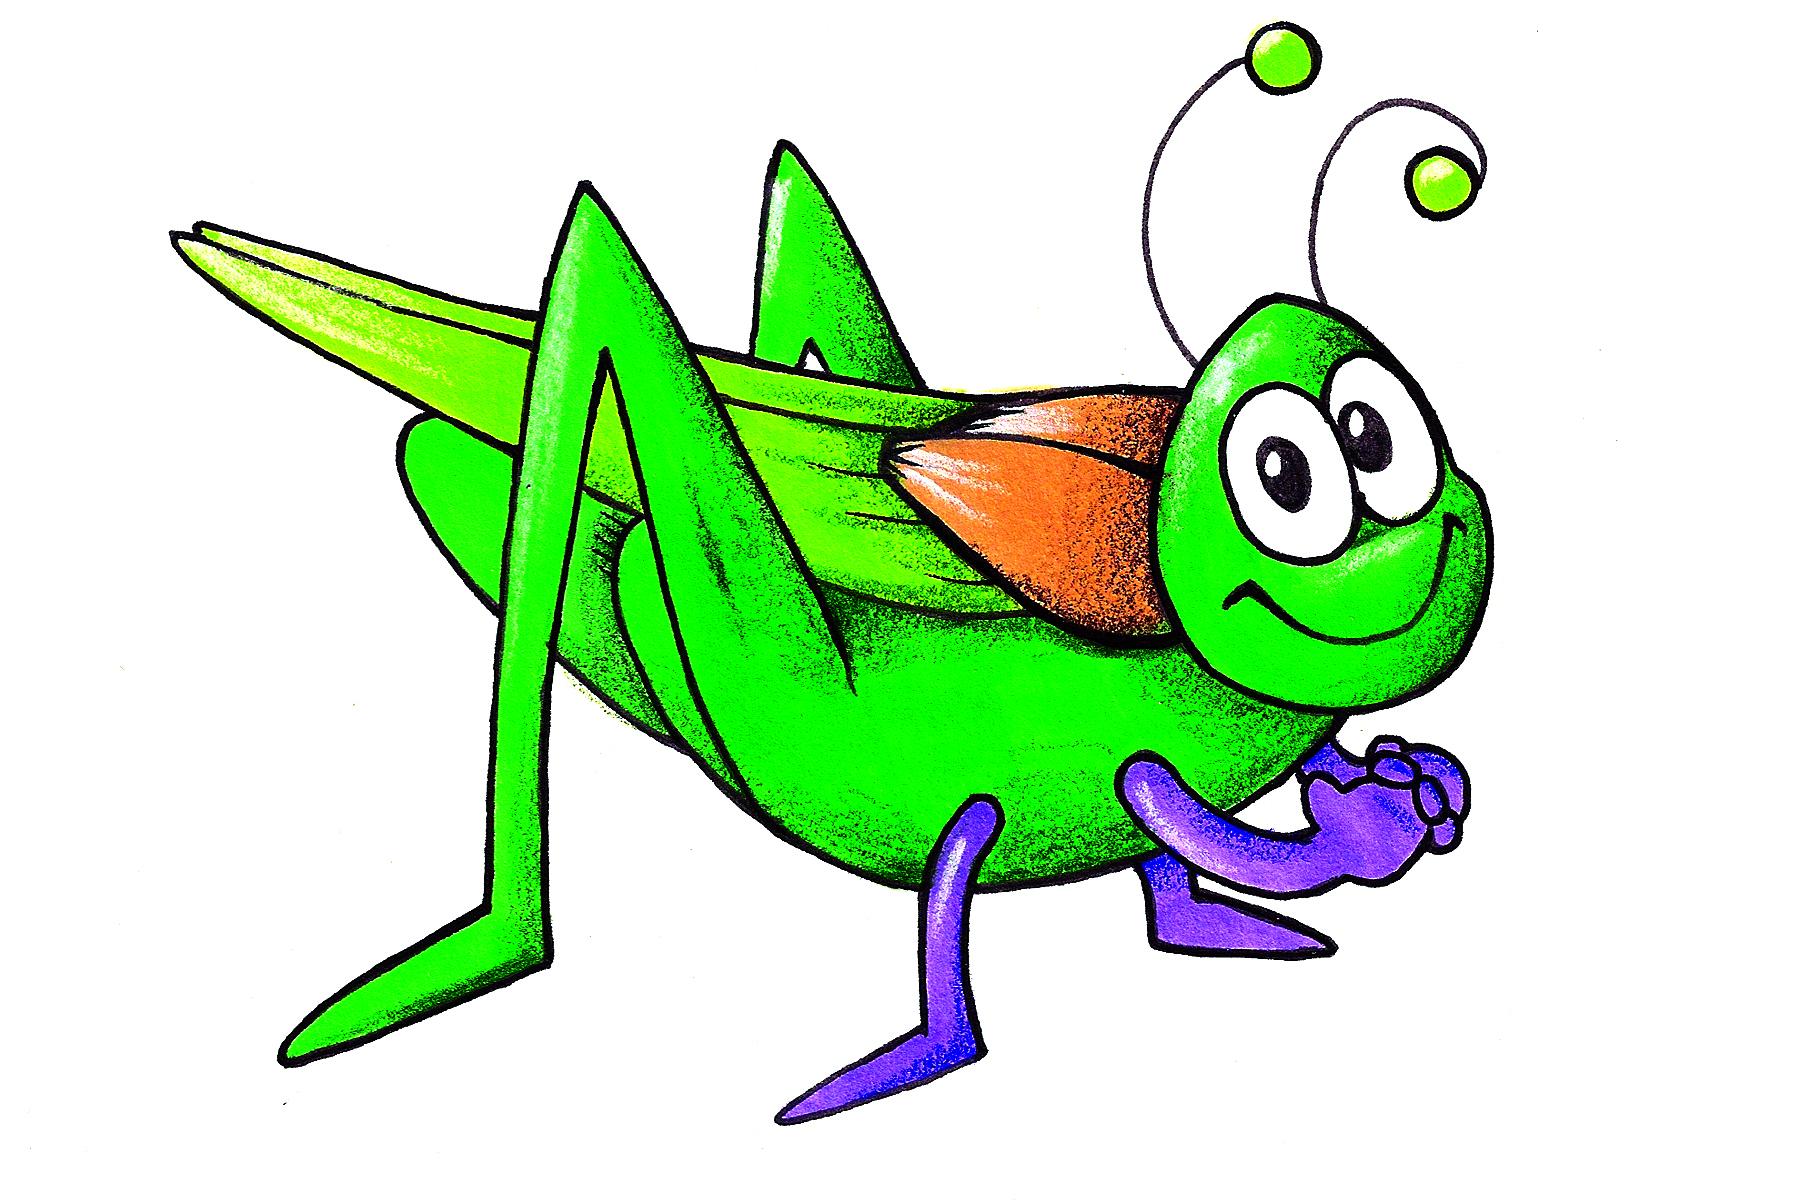 Grasshopper clipart 6